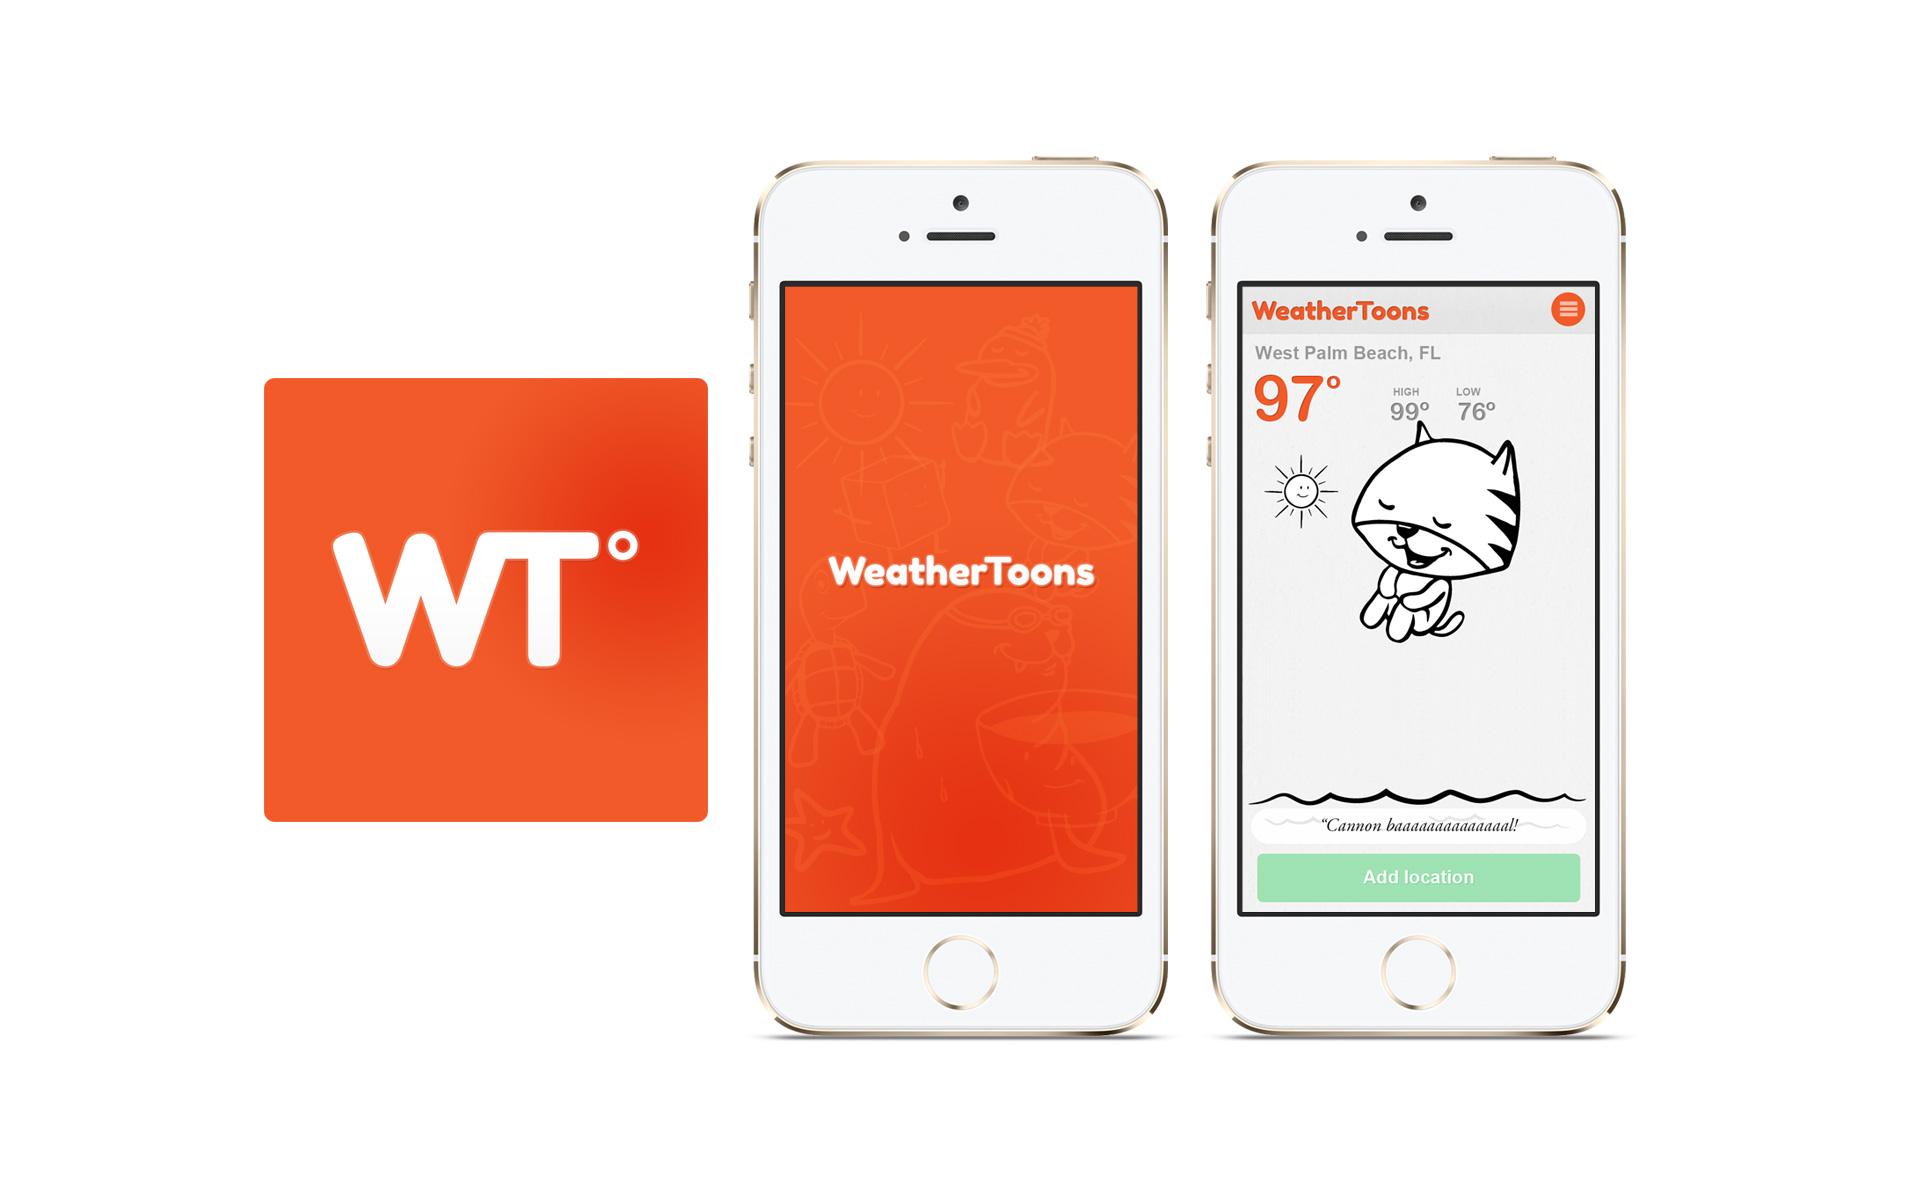 WeatherToons